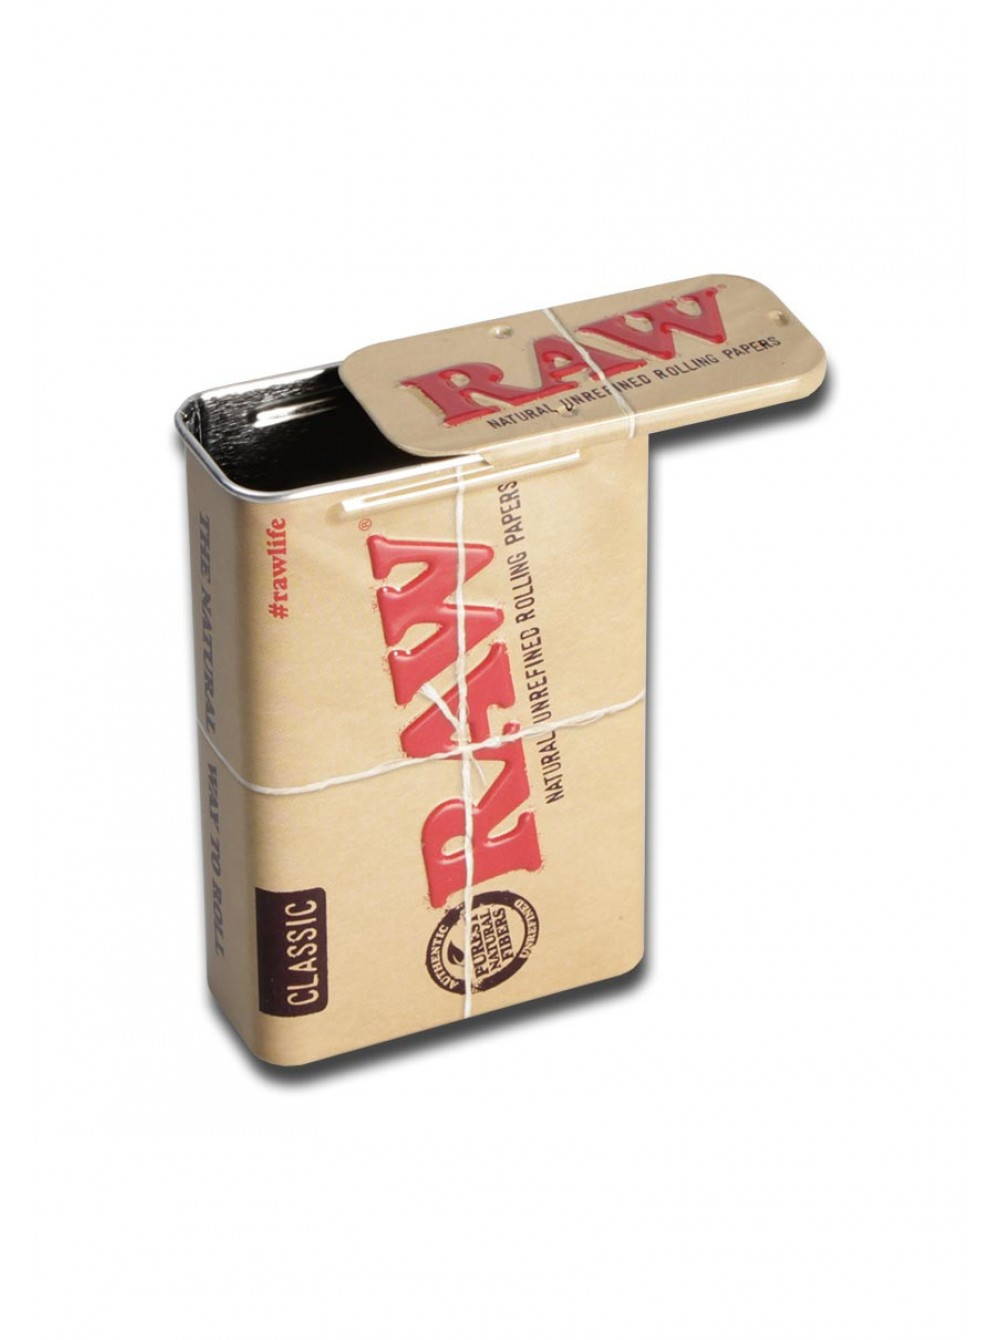 Металлическая пачка для сигарет купить можно купить стики от айкоса как обычные сигареты